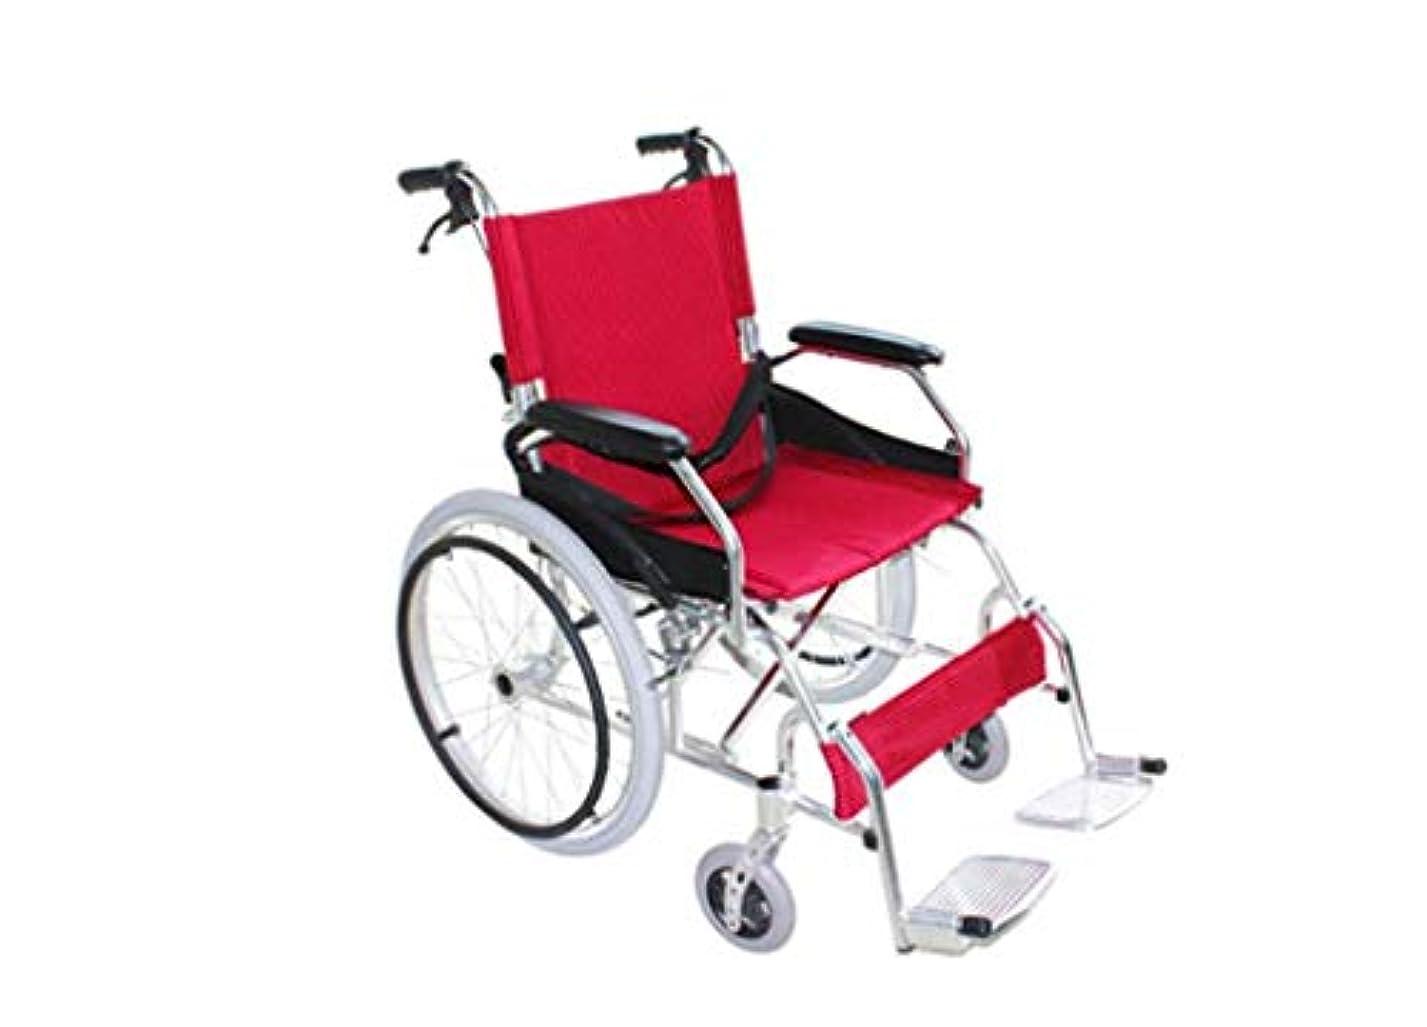 威信無効にするコンベンション車椅子用トロリー、折り畳み式、手動操作プッシュ式ウォーキングギア、成人および身体障害者用のアルミニウム製トラベルスクーター車椅子に適しています (Color : A)